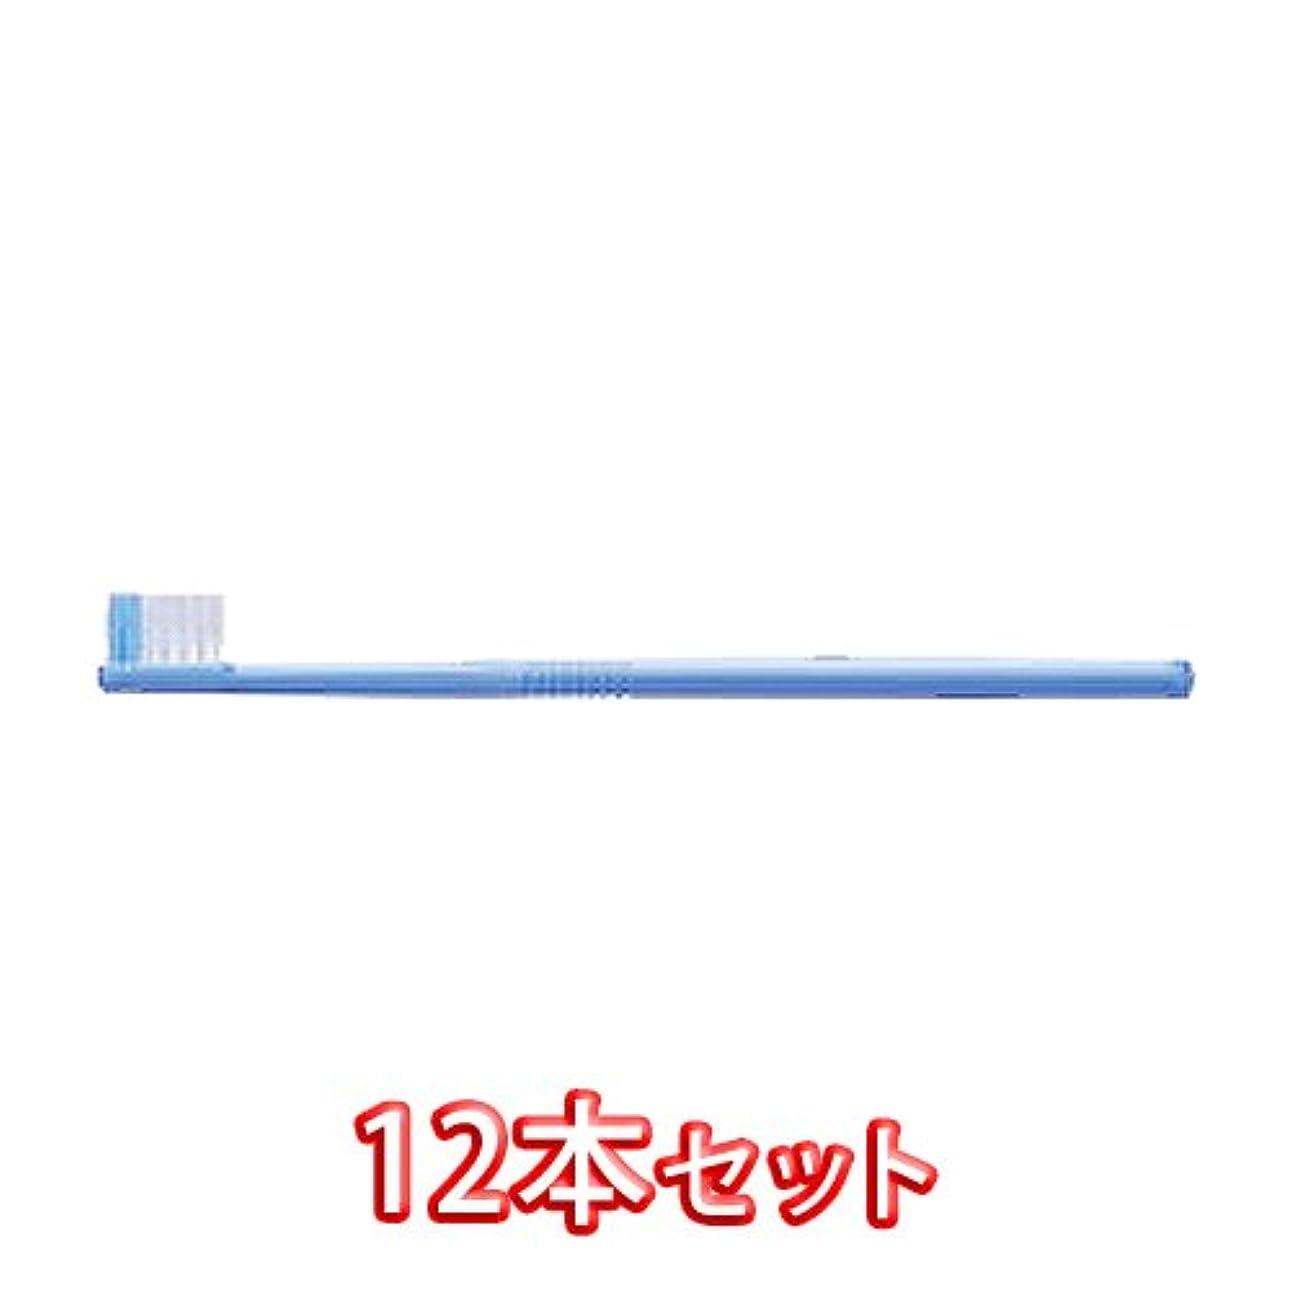 有名人インシデント試してみるライオン オルソドンティック 歯ブラシ DENT.EX Orthodontic-U 12本入